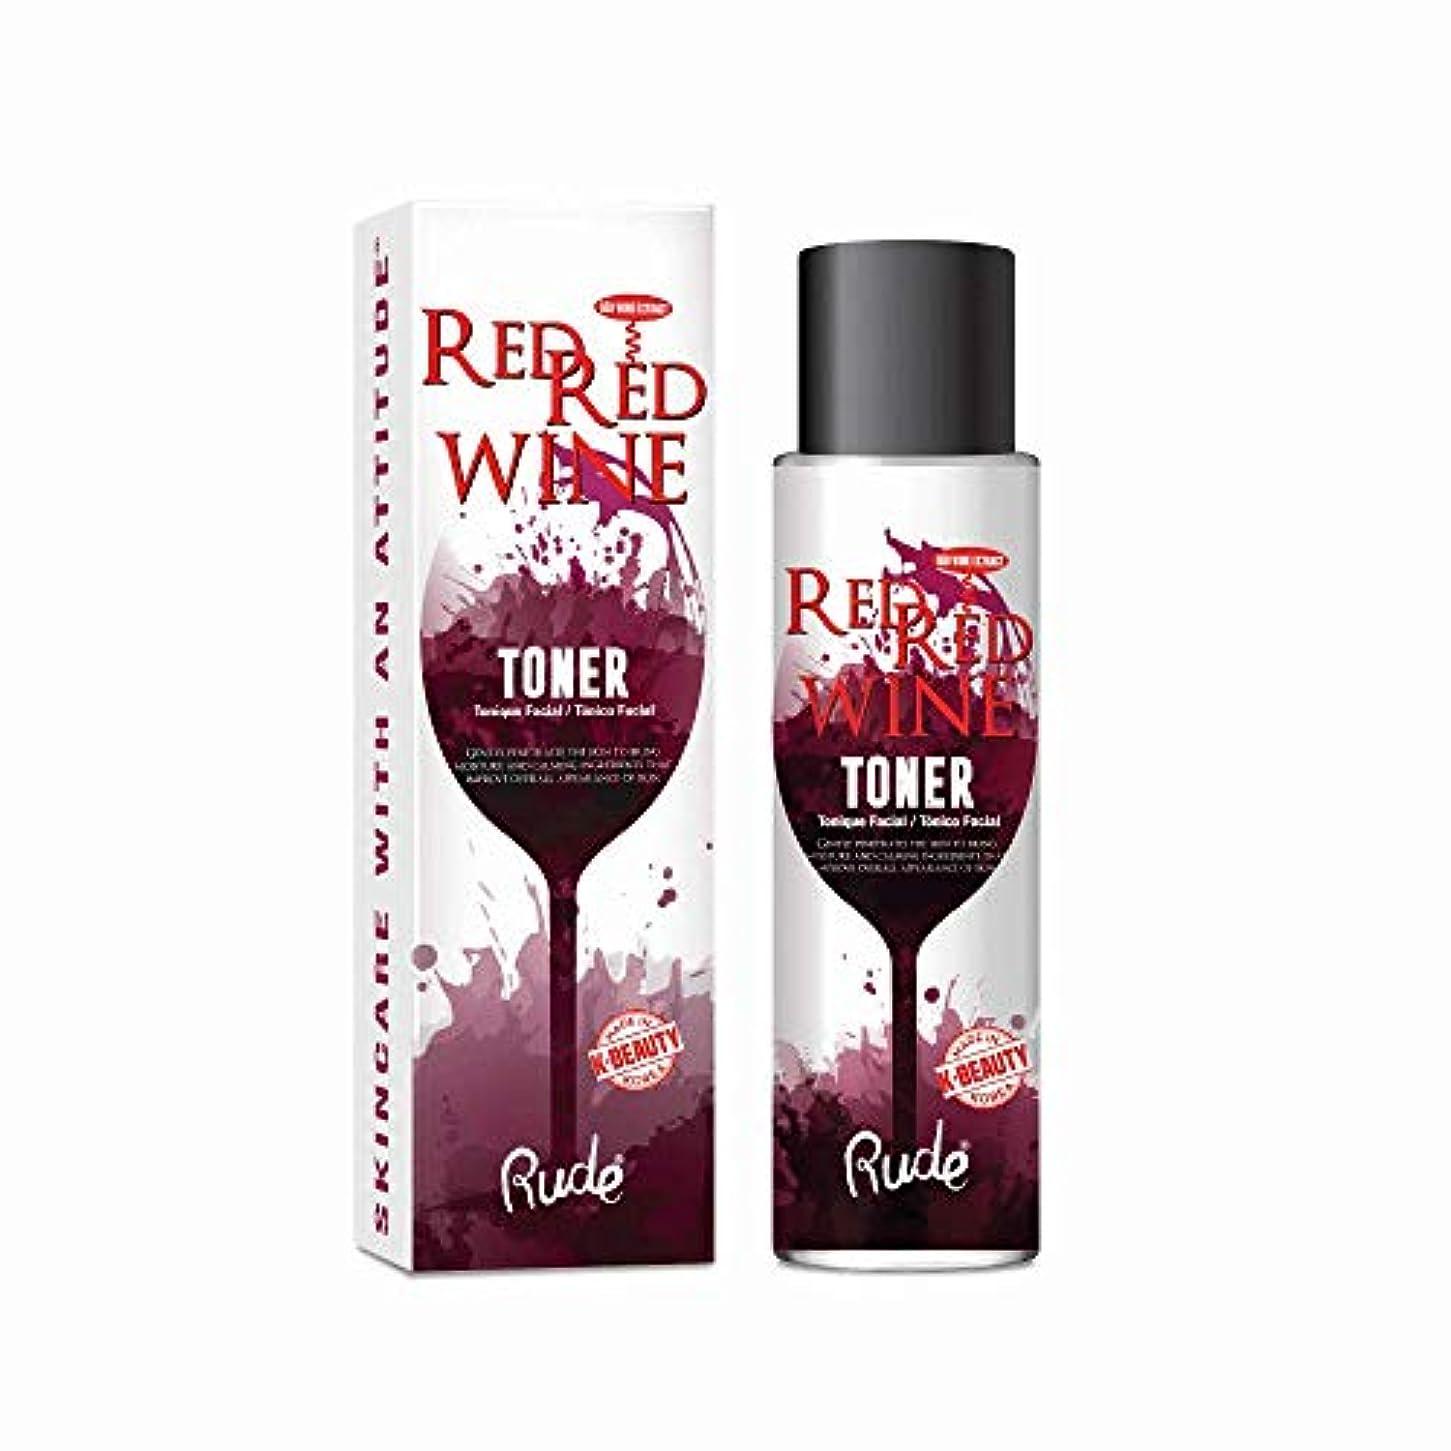 放映鑑定いたずらなRUDE Red Red Wine Toner (並行輸入品)